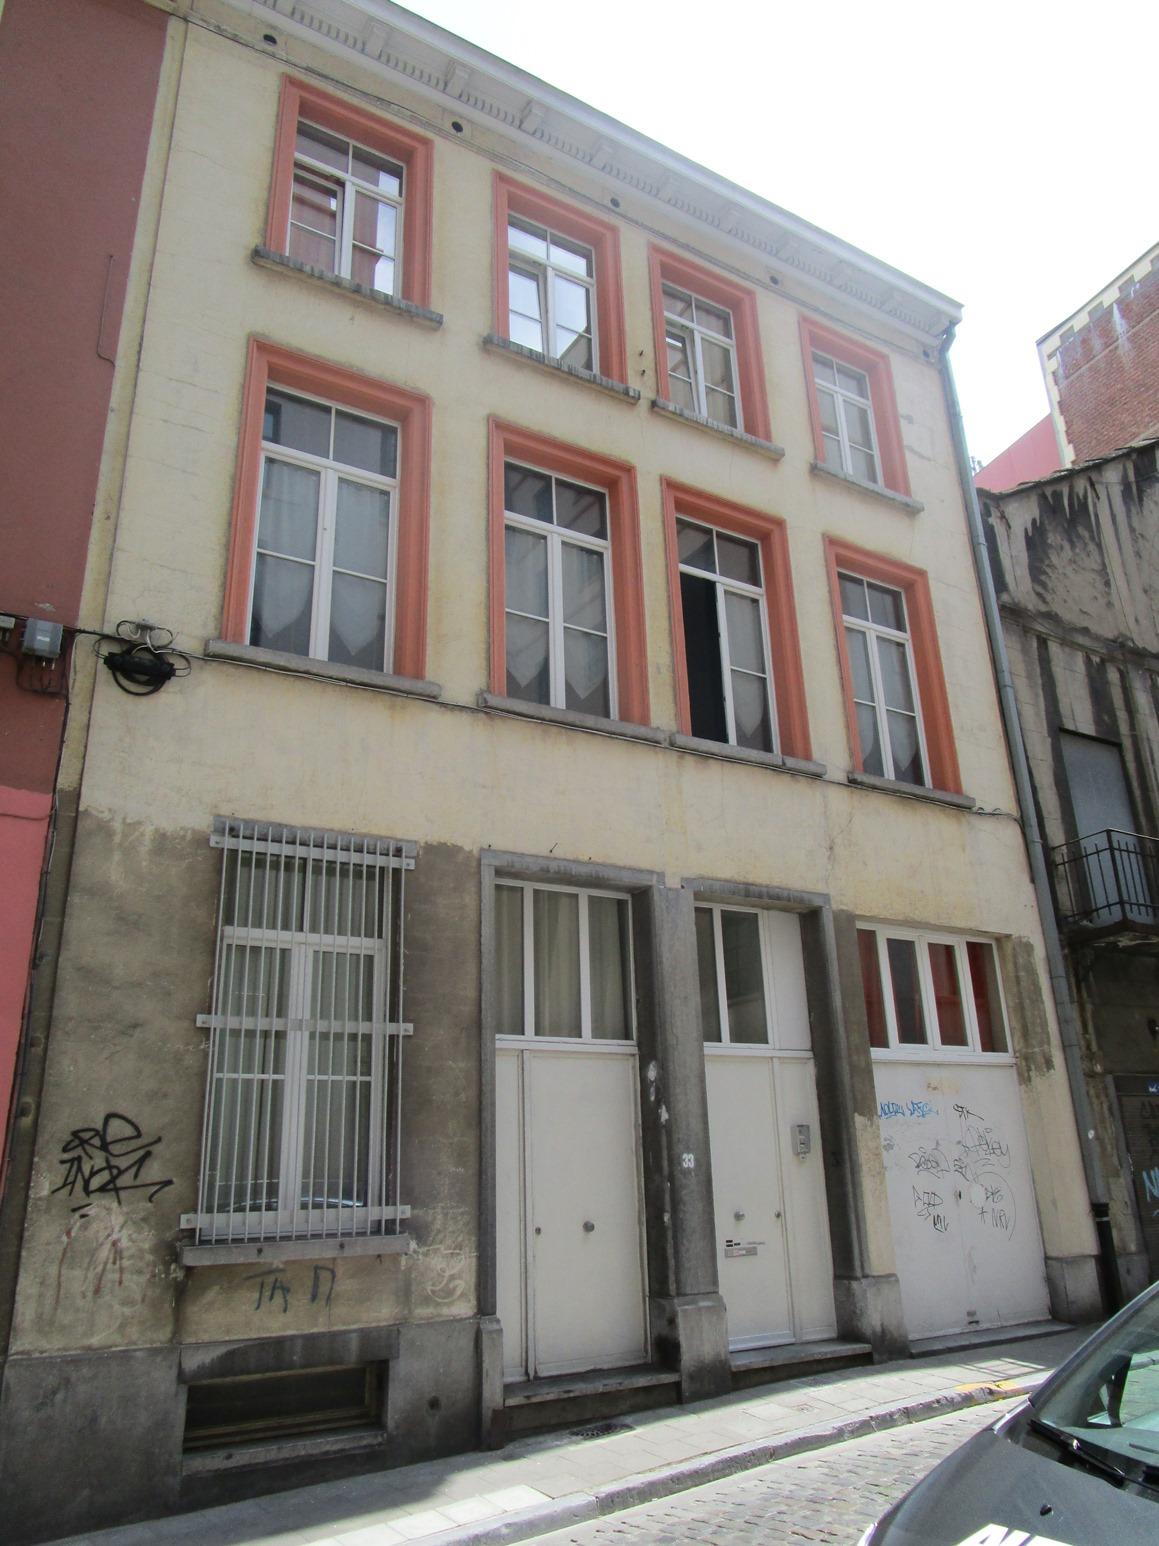 Rue de la Fiancée 33-35, 2015